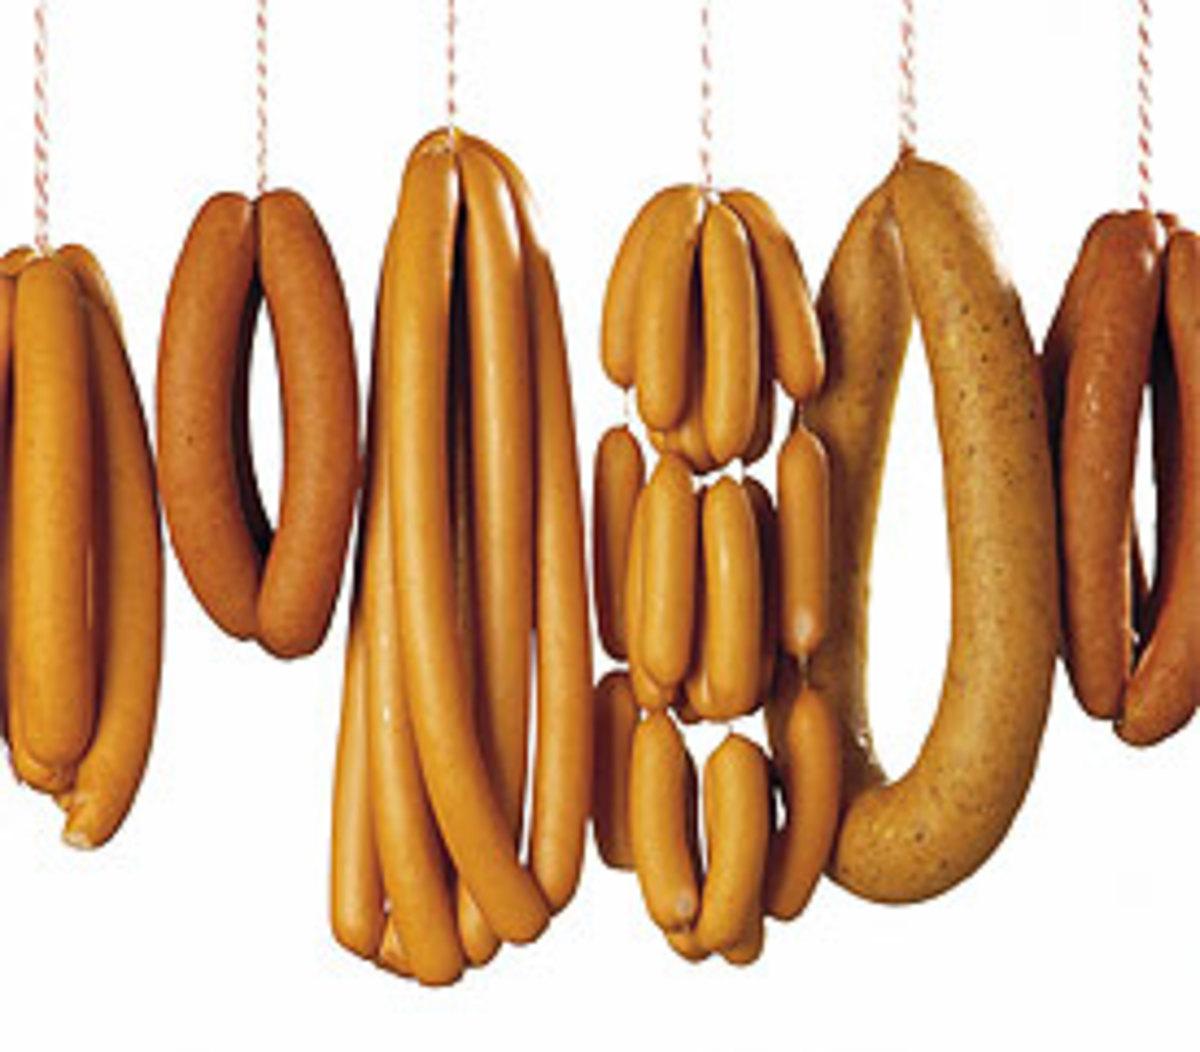 Sausages, like Schübling